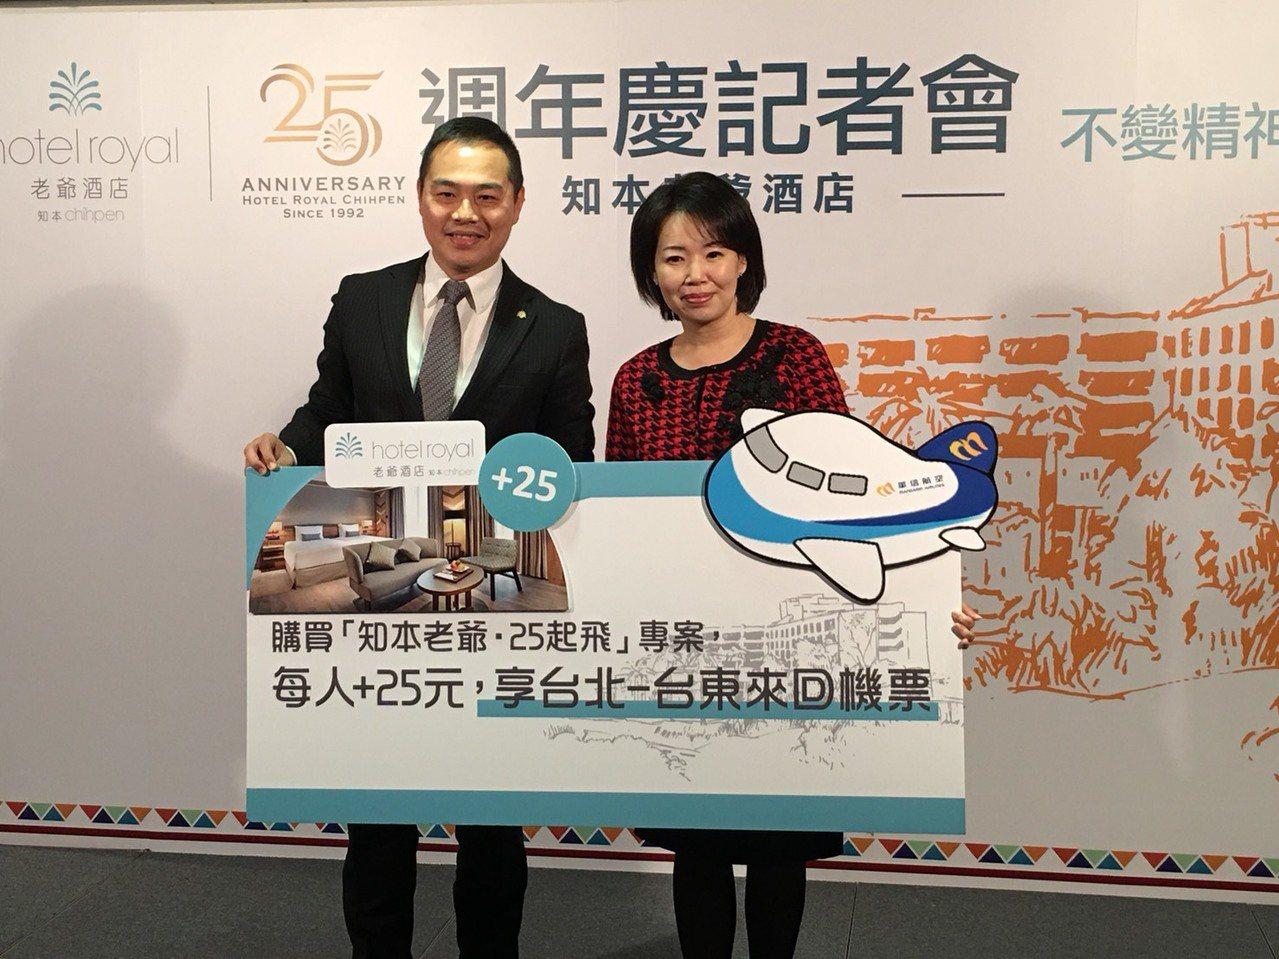 慶祝知本老爺25周年慶,華信航空與知本老爺攜手合作,於今(5)日聯名推出「25起...